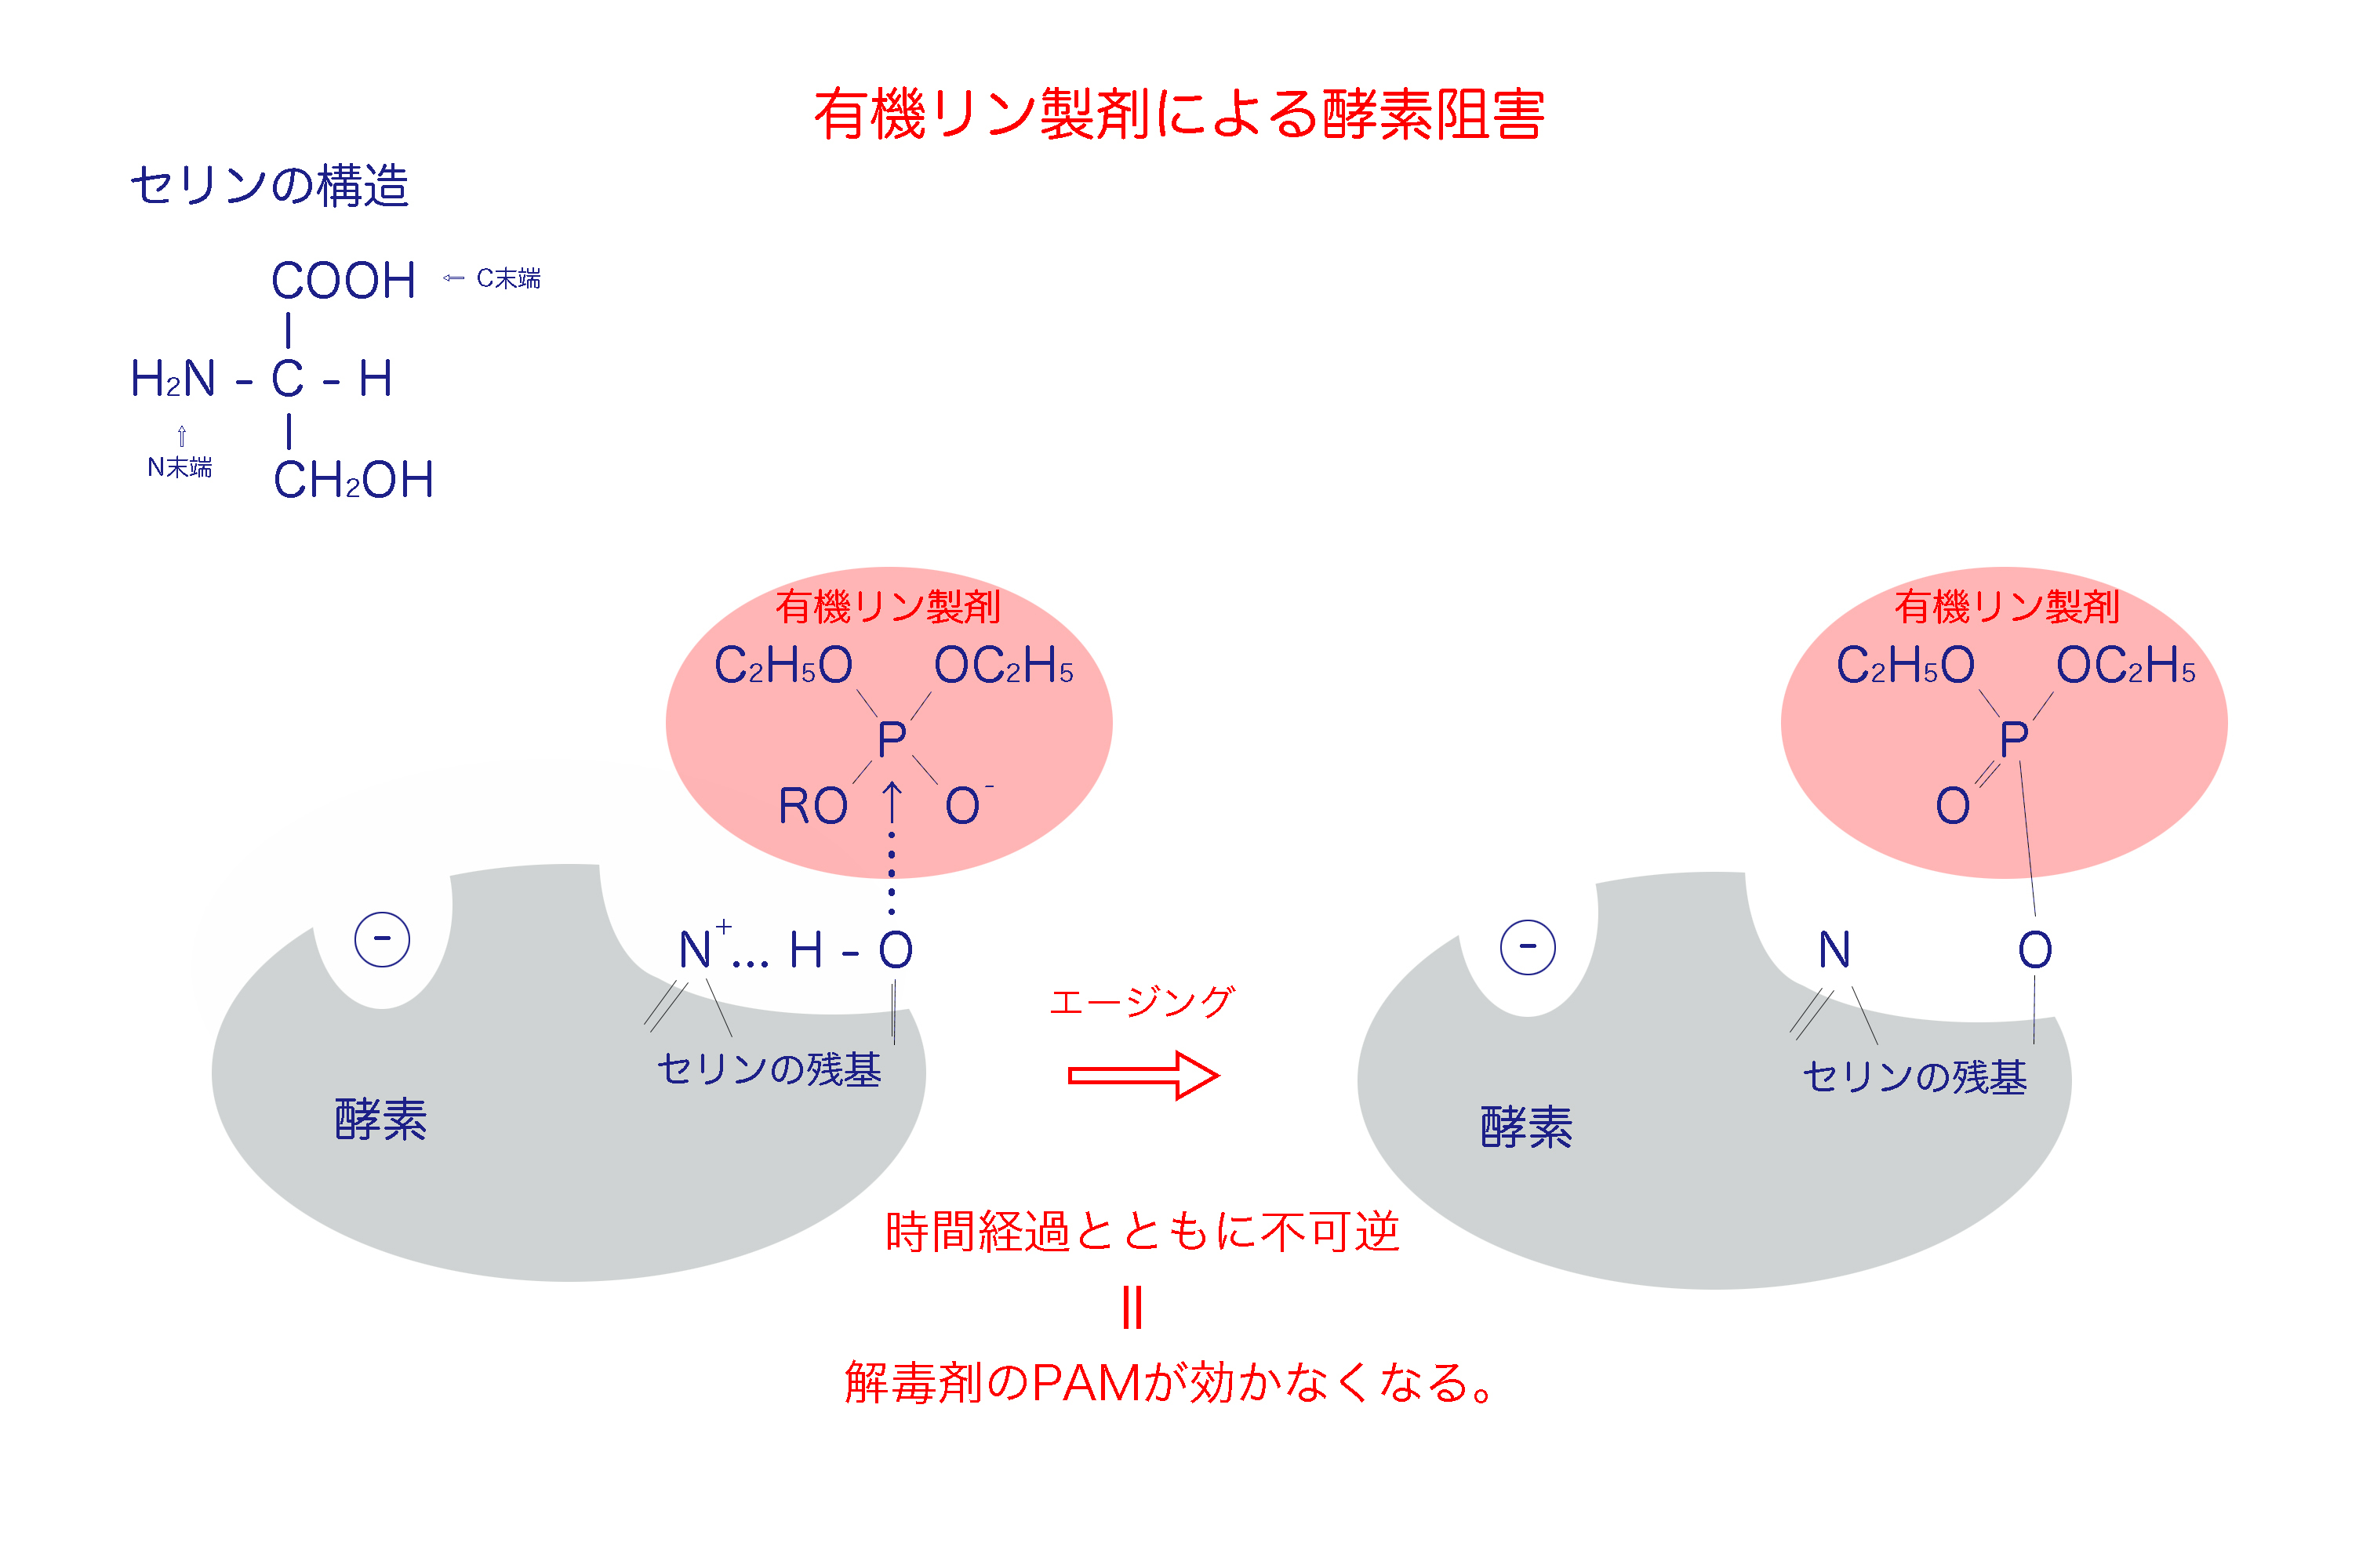 有機リン製剤による不可逆的酵素阻害 - 農薬・殺虫剤